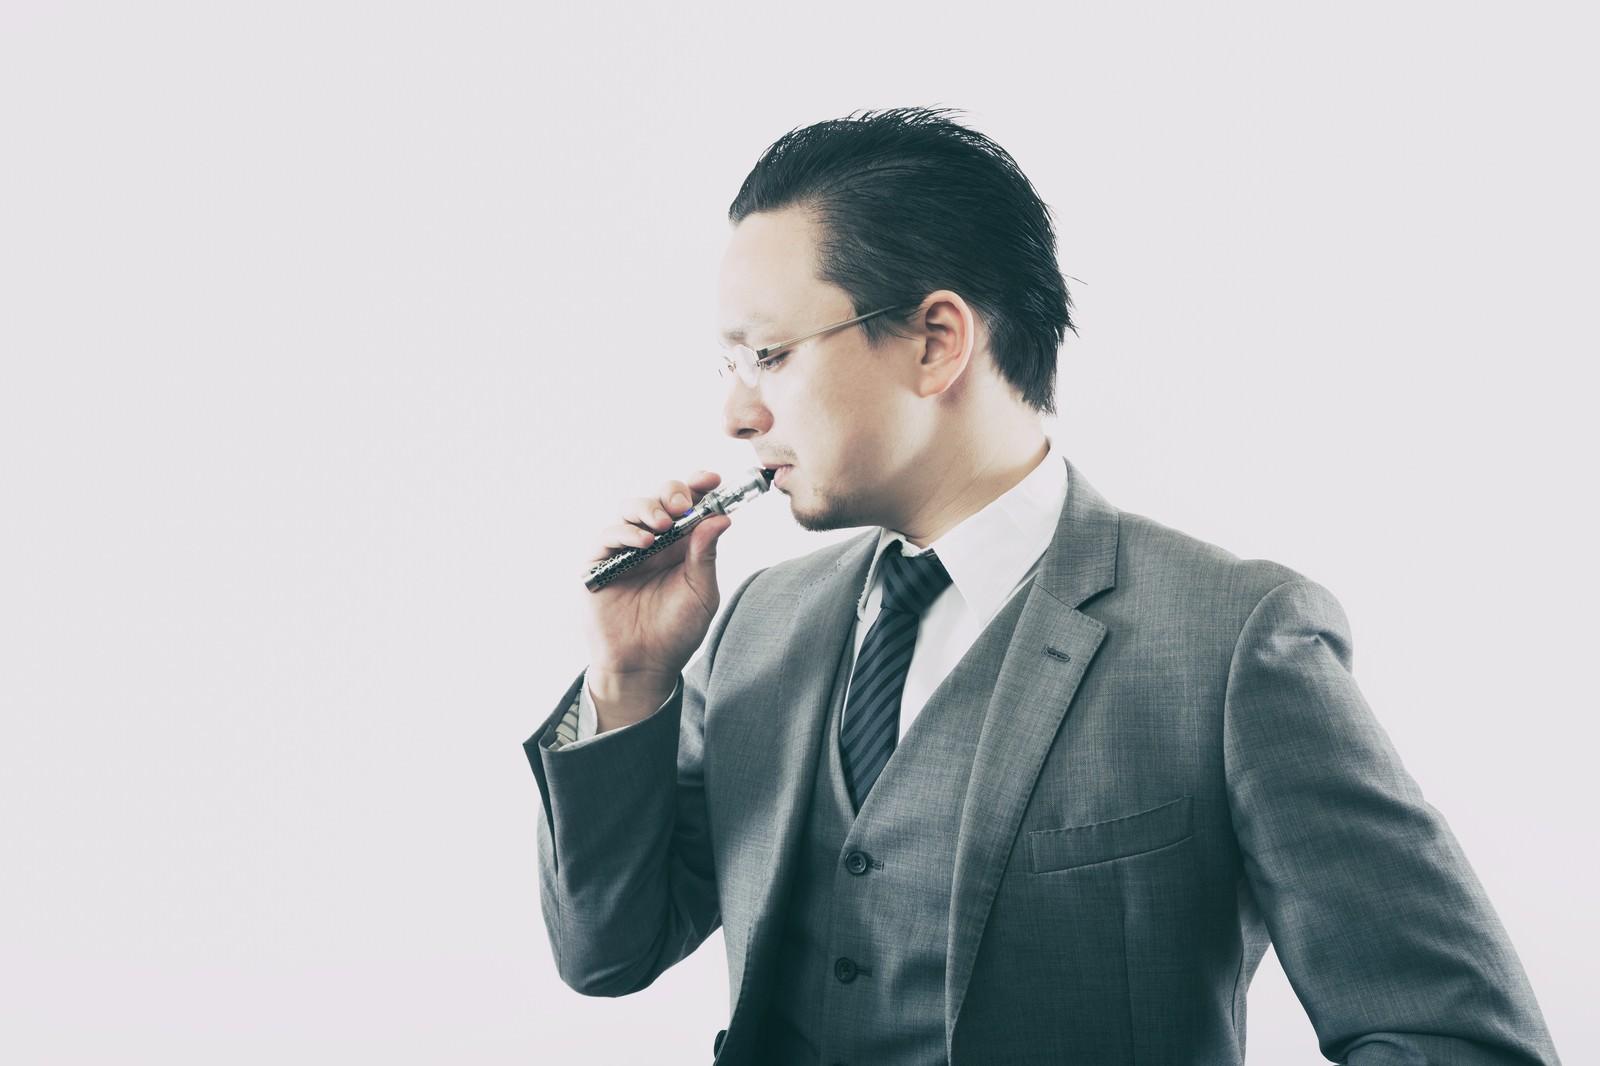 「フレーバーを楽しむビジネスマンフレーバーを楽しむビジネスマン」[モデル:Max_Ezaki]のフリー写真素材を拡大